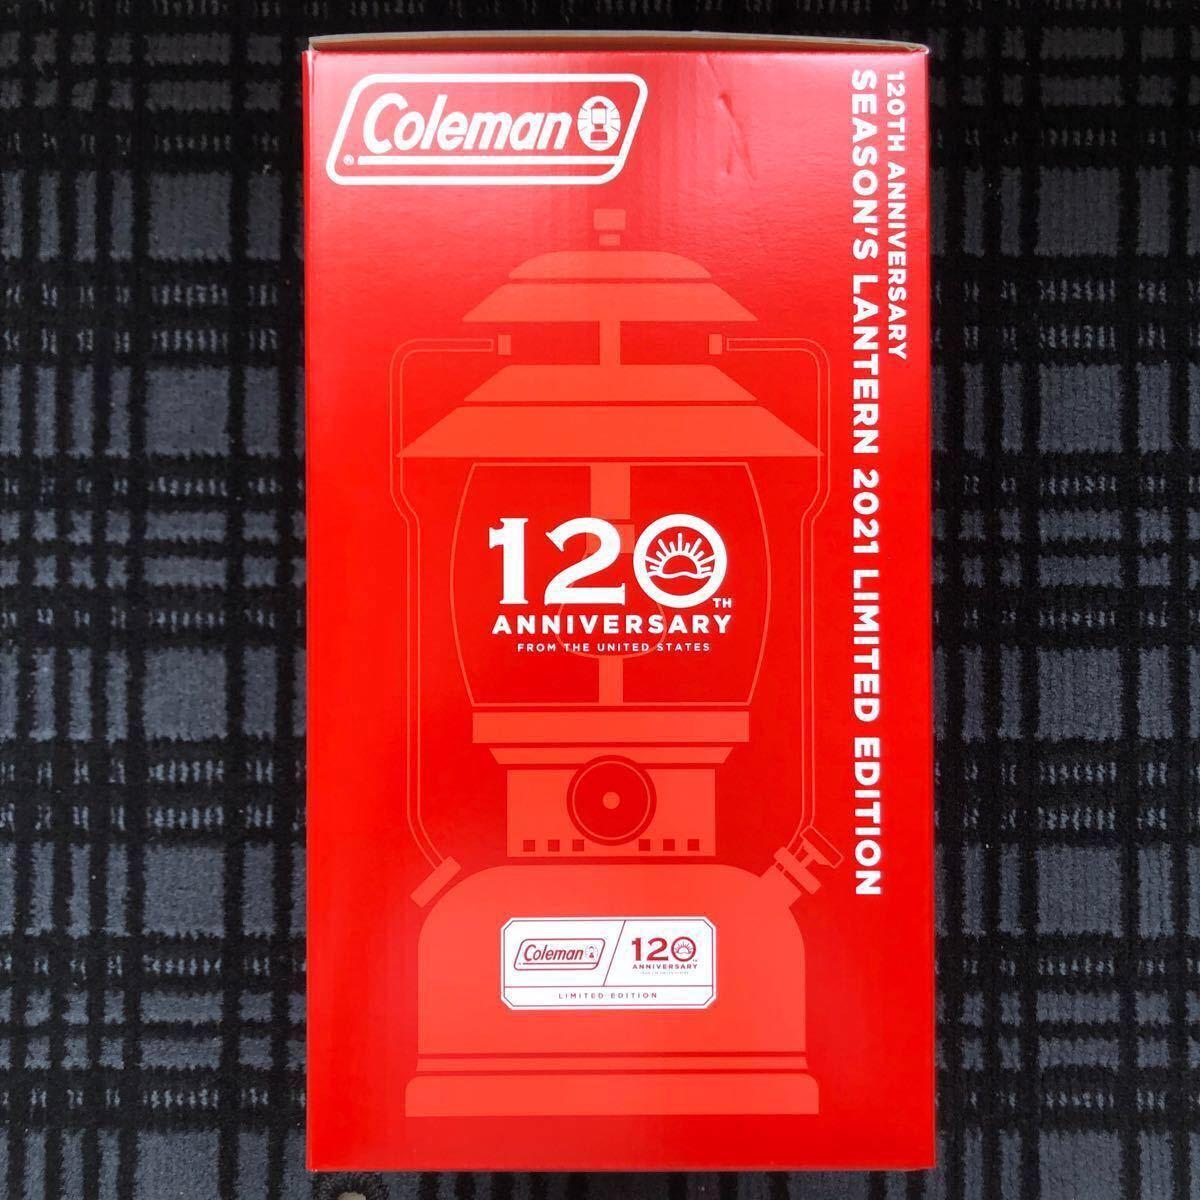 新品未使用品! コールマン (Coleman) 120th アニバーサリー シーズンズランタン2021